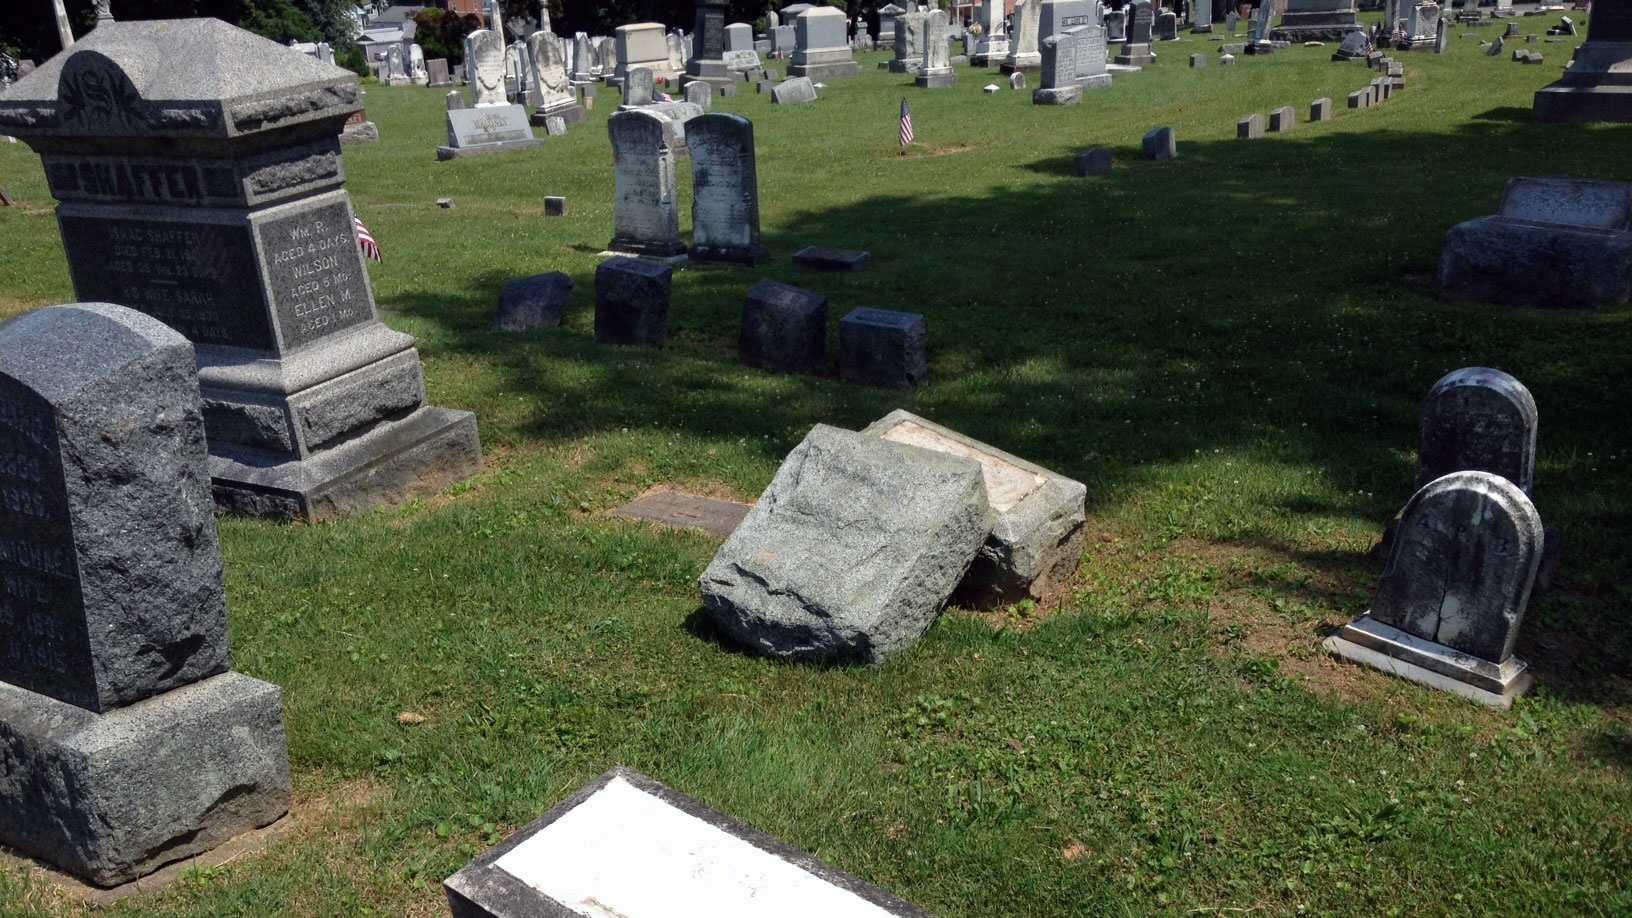 6.25 gravestones